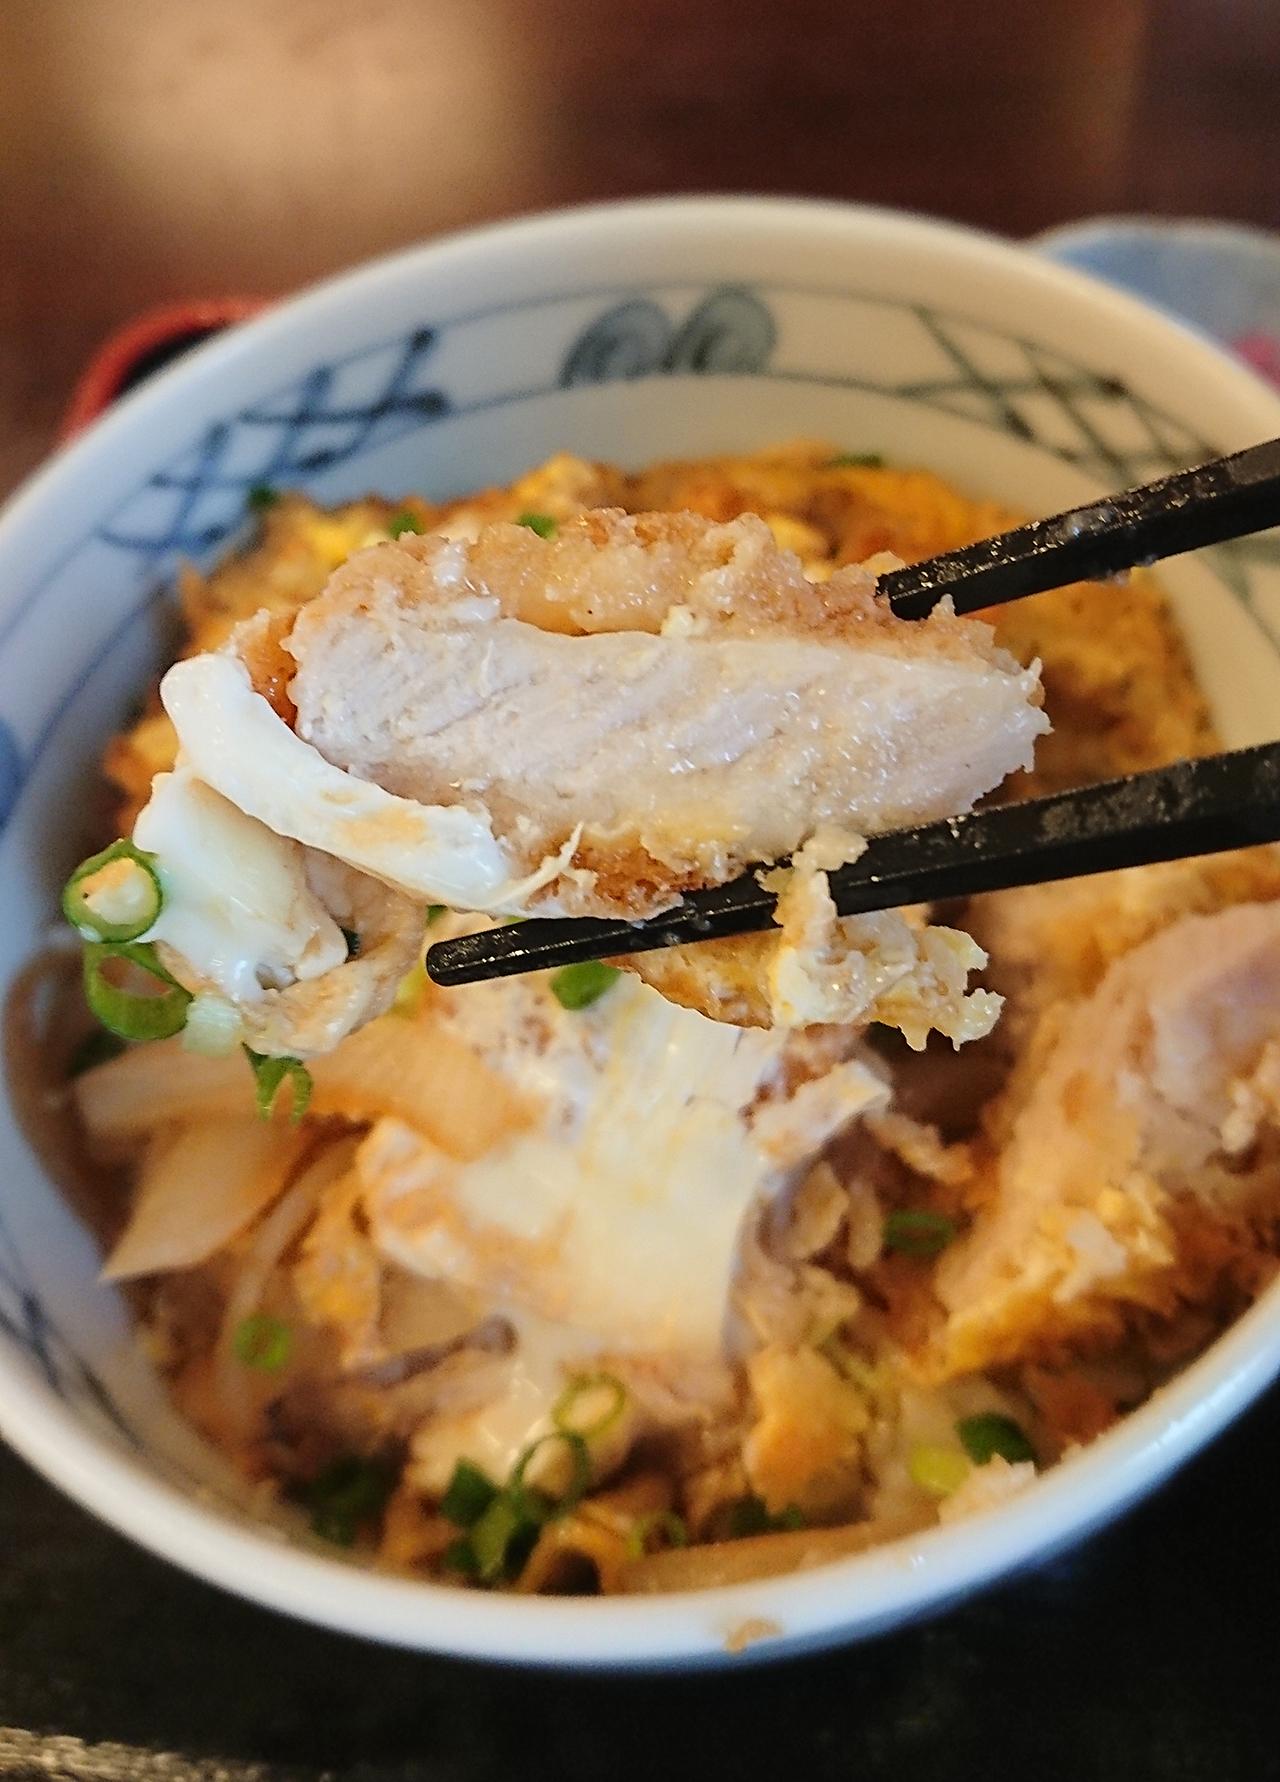 カツ丼のお肉のアップ写真